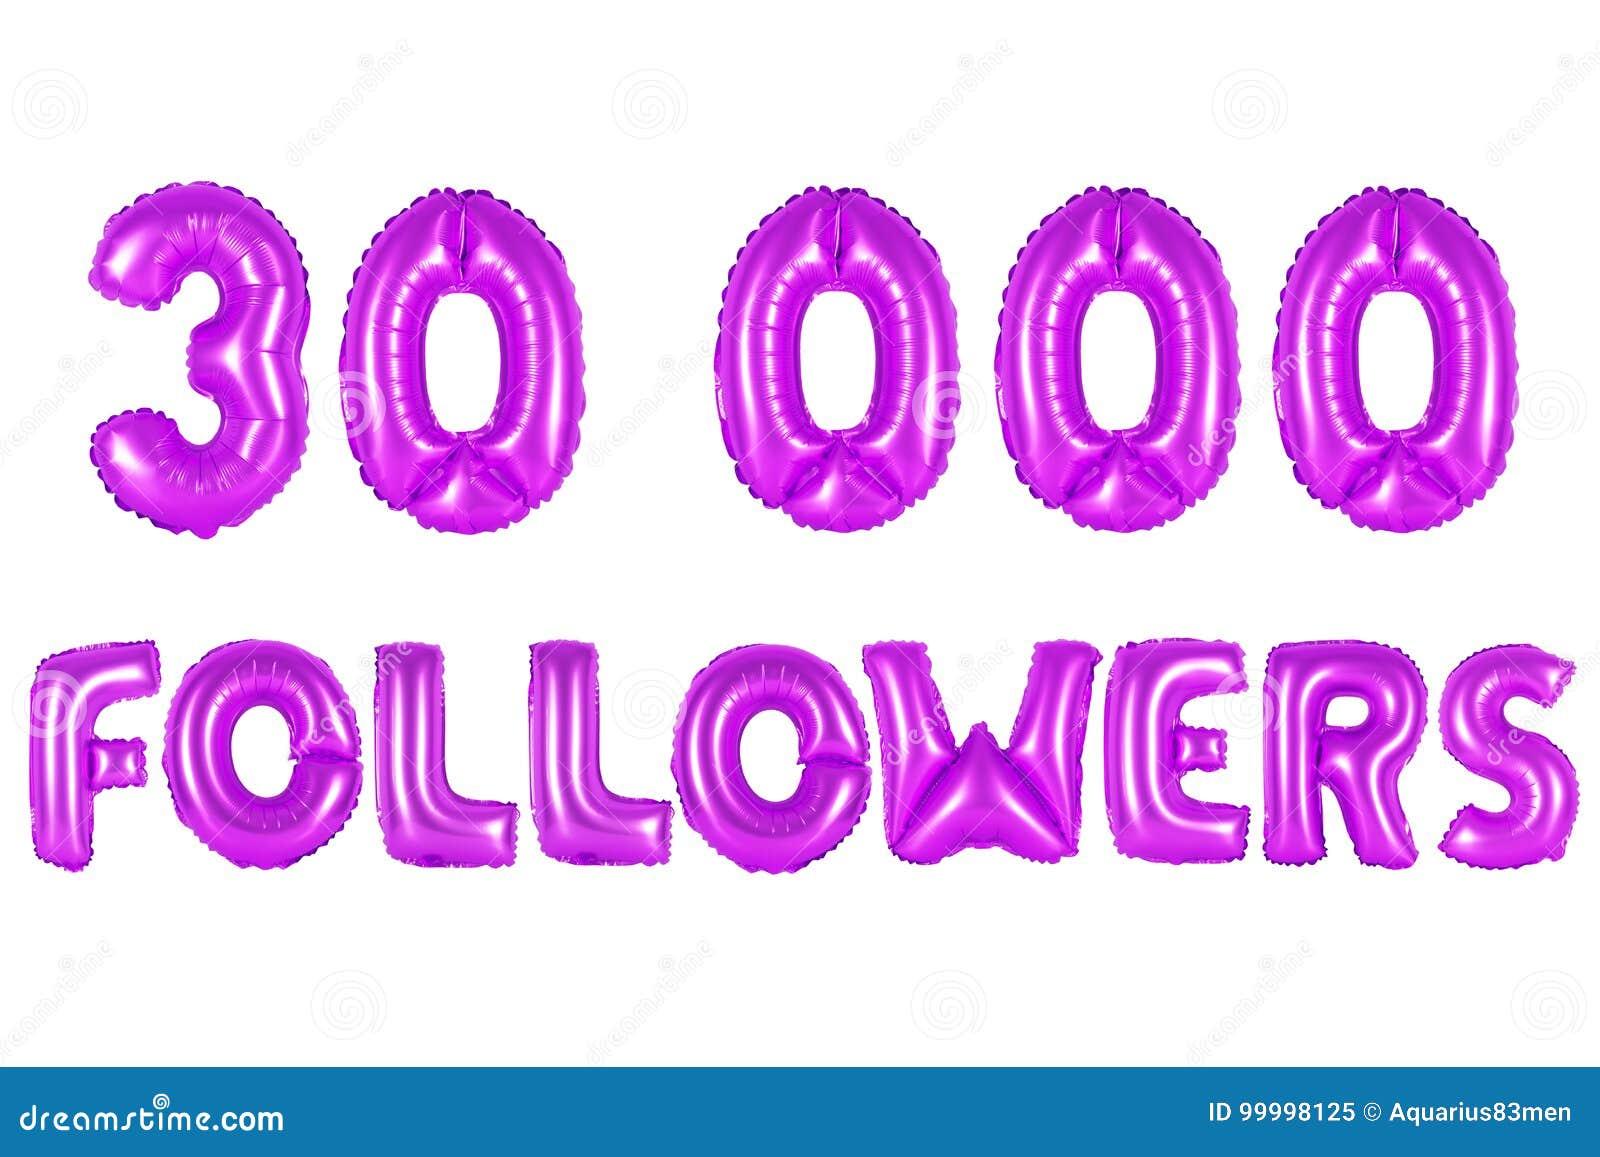 Trinta mil seguidores, cor roxa